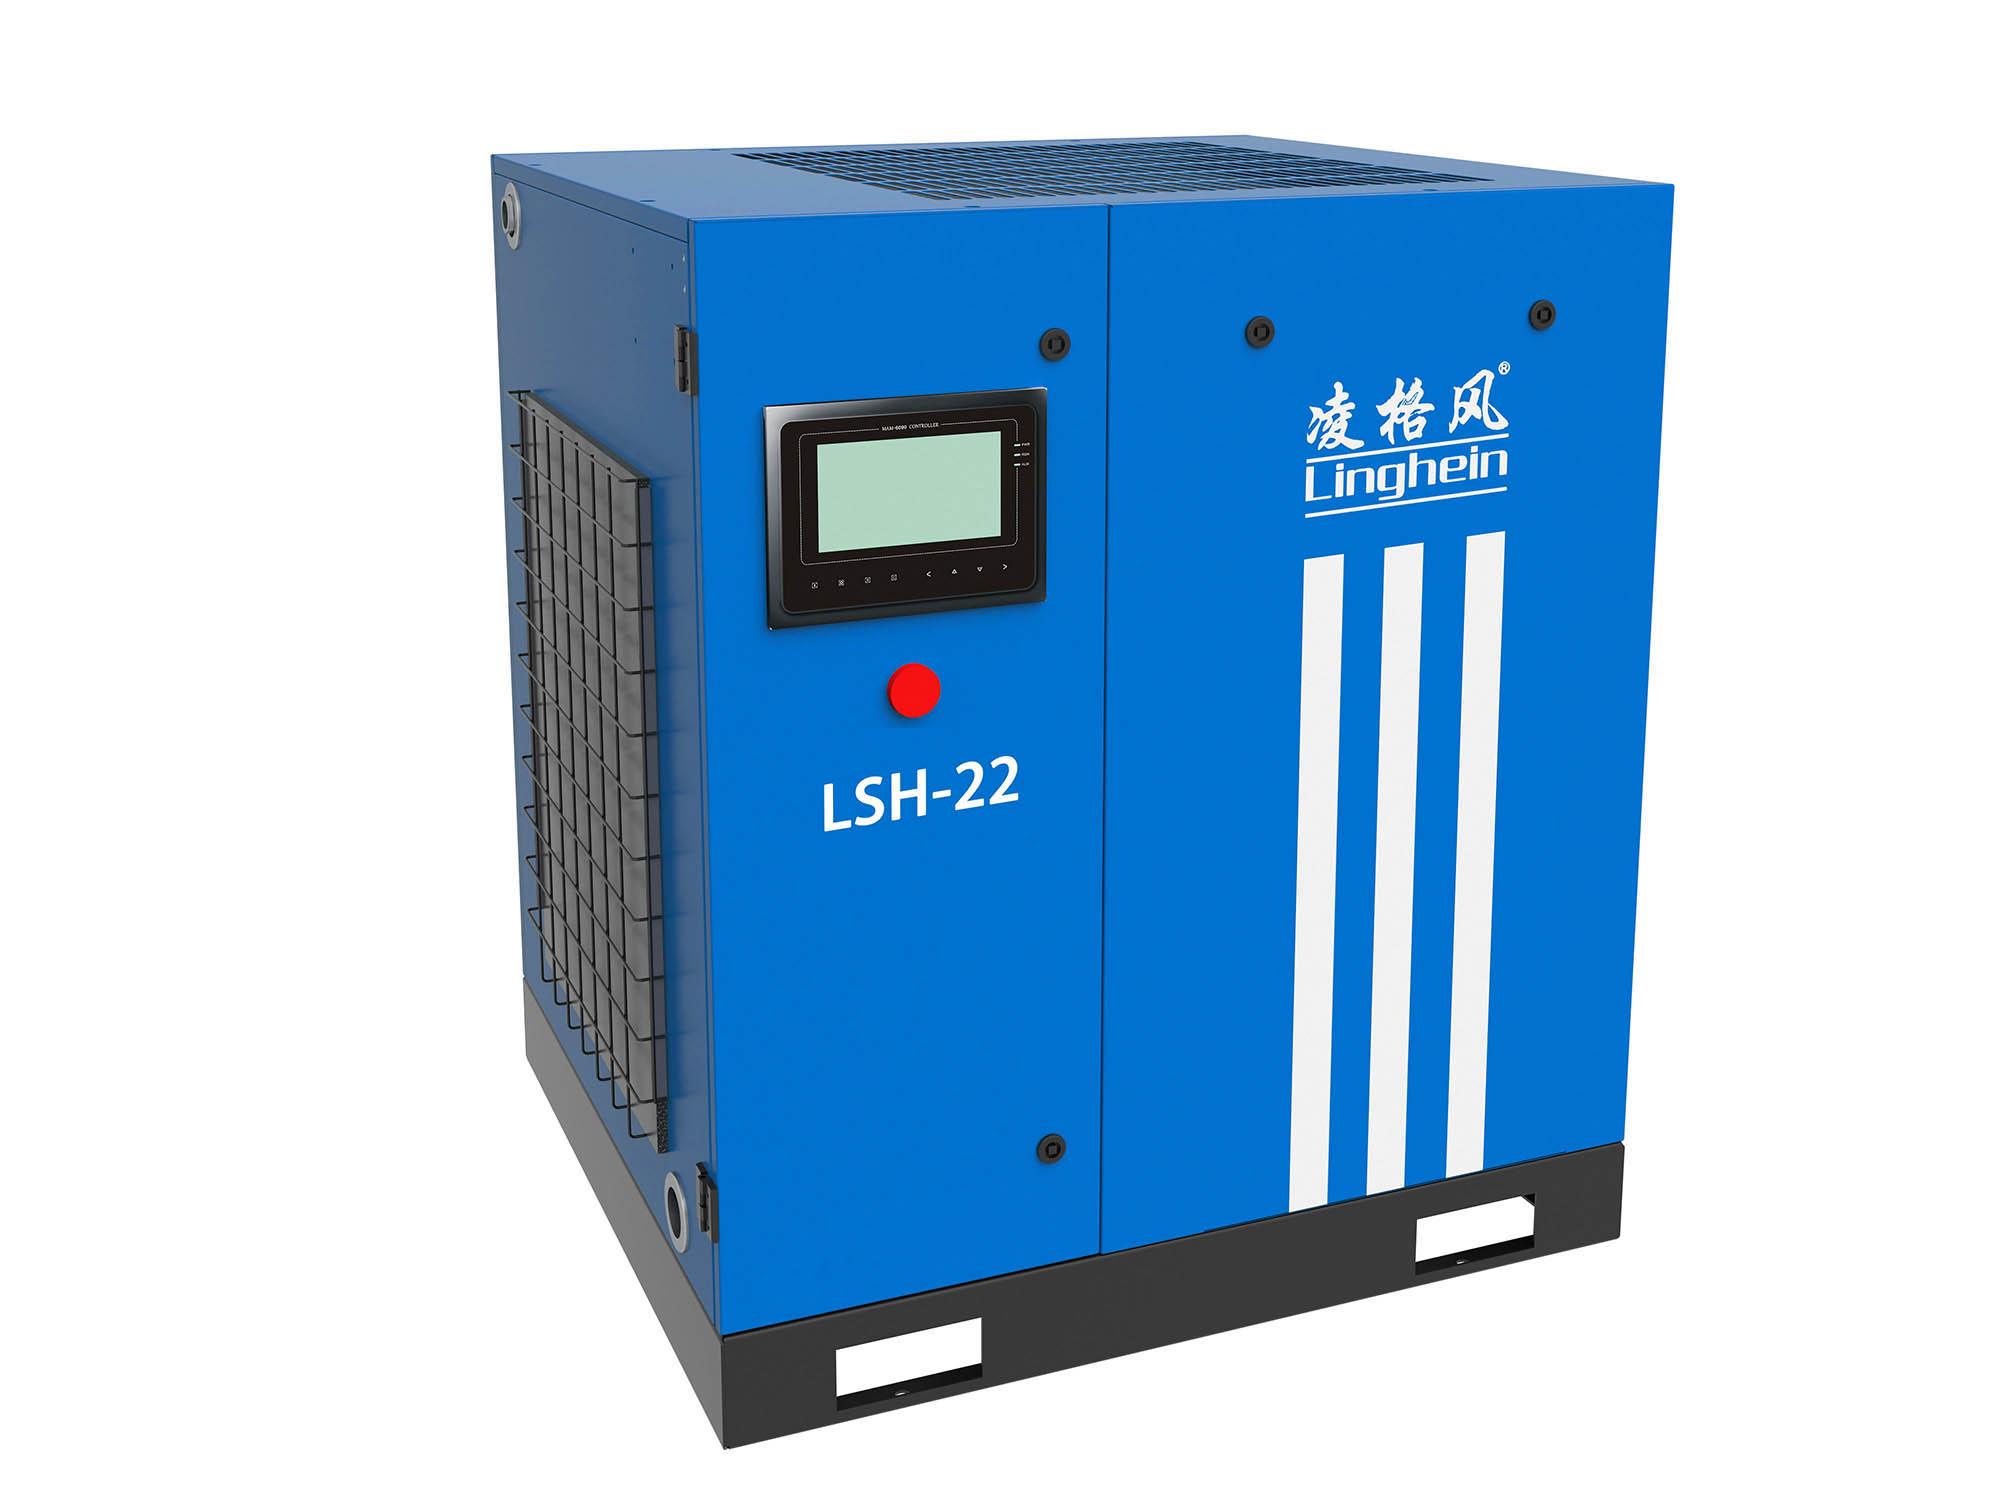 湖南知名油冷永磁压缩机服务至上 欢迎咨询 上海凌格风气体技术供应